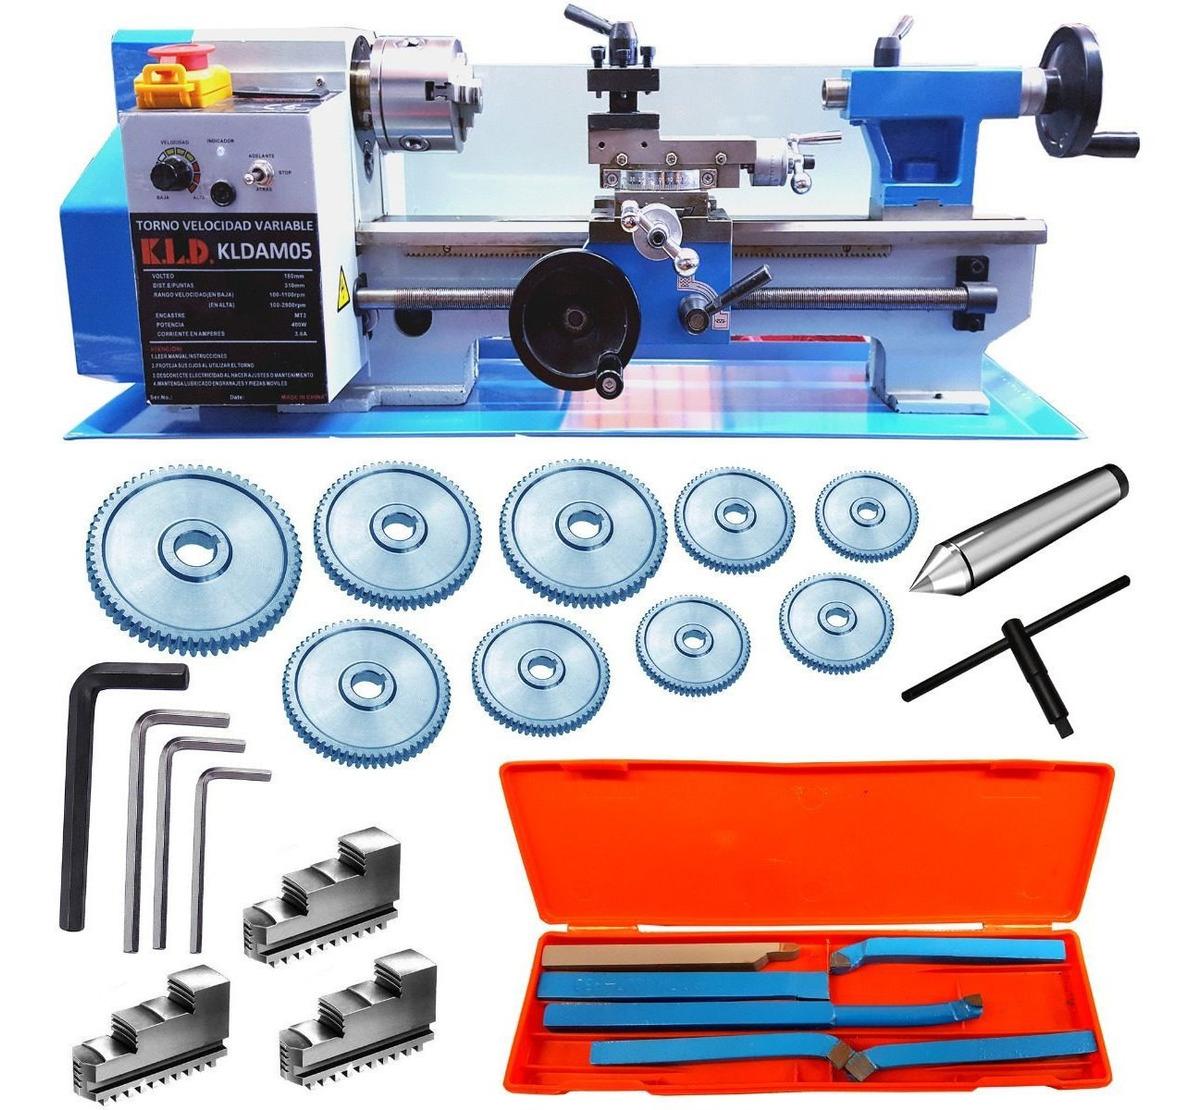 Mini Torno Mecanico P/ Metales 300mm 400 W Rpm Digital Kld